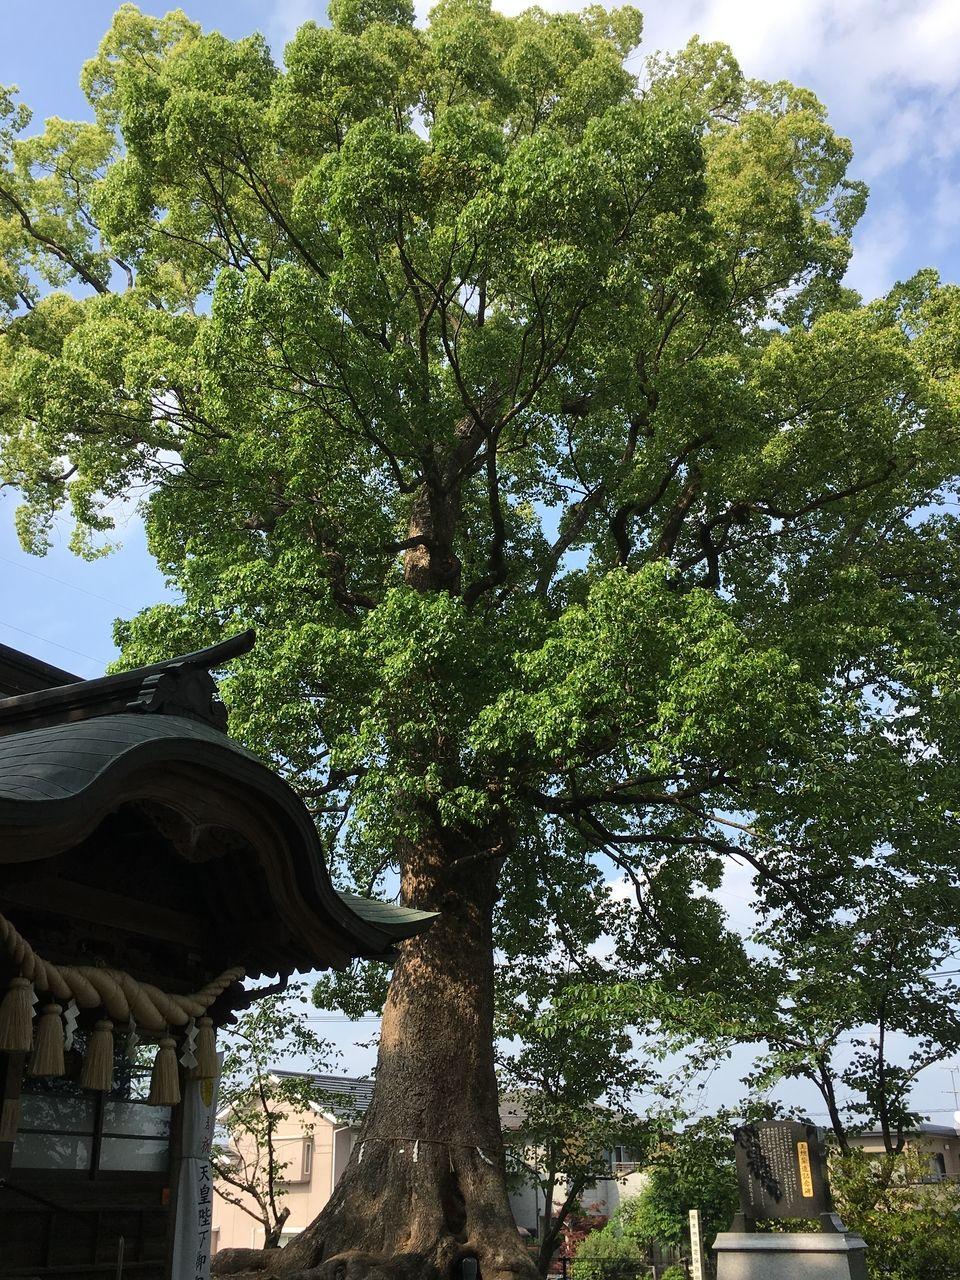 熊本市東区にある沼山津神社、新緑のエネルギーが満ち溢れています。近づくだけで、自然のエネルギーを満喫することができます。樹齢数百年に及ぶ熊本市指定木の木々がたくさんのエネルギーを発散して、神…